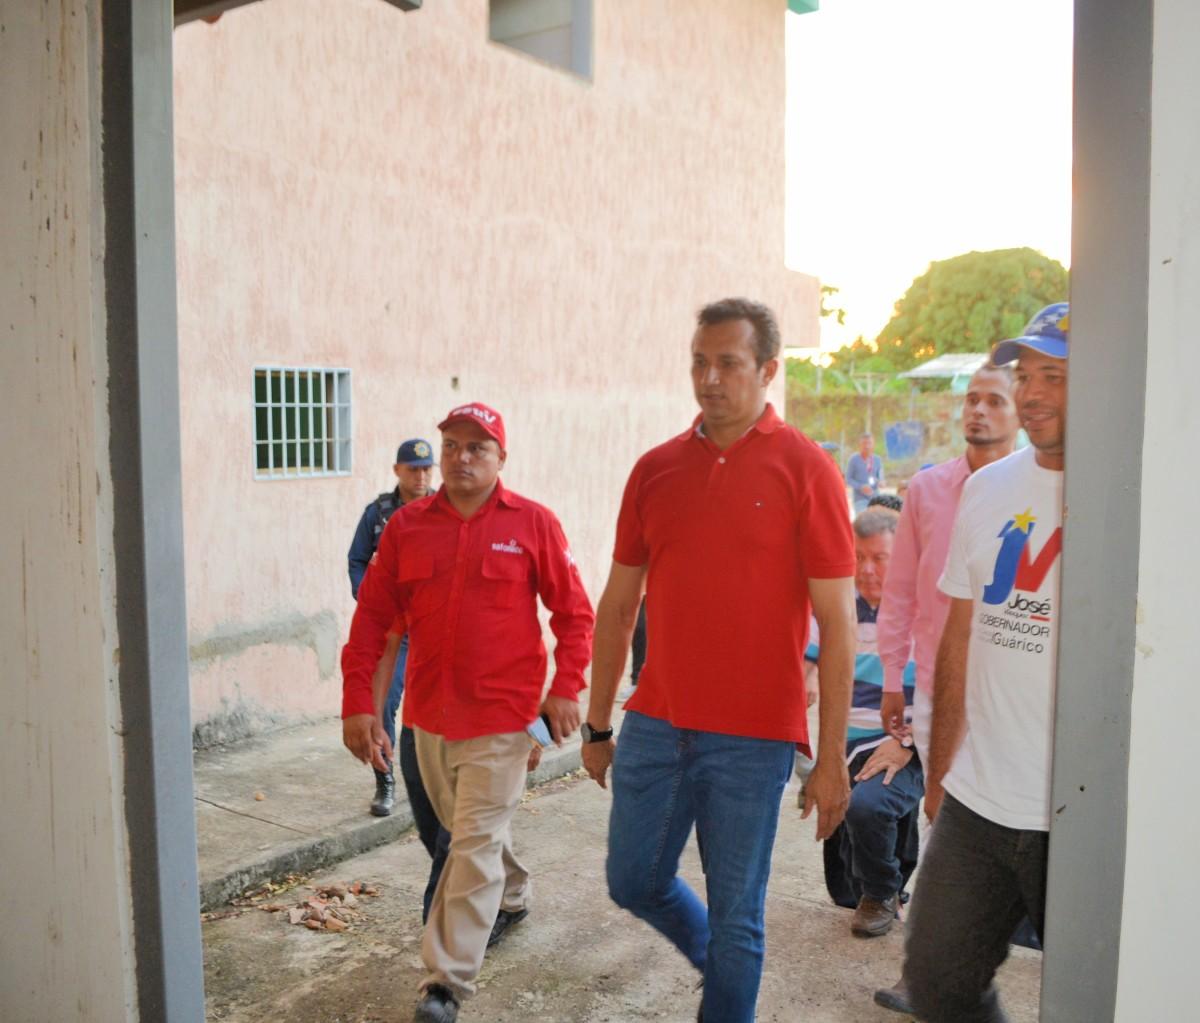 Puertas, ventanas, iluminación, instalaciones sanitarias entre otros detalles serán culminados con los recursos gestionados ante el Gobierno Nacional